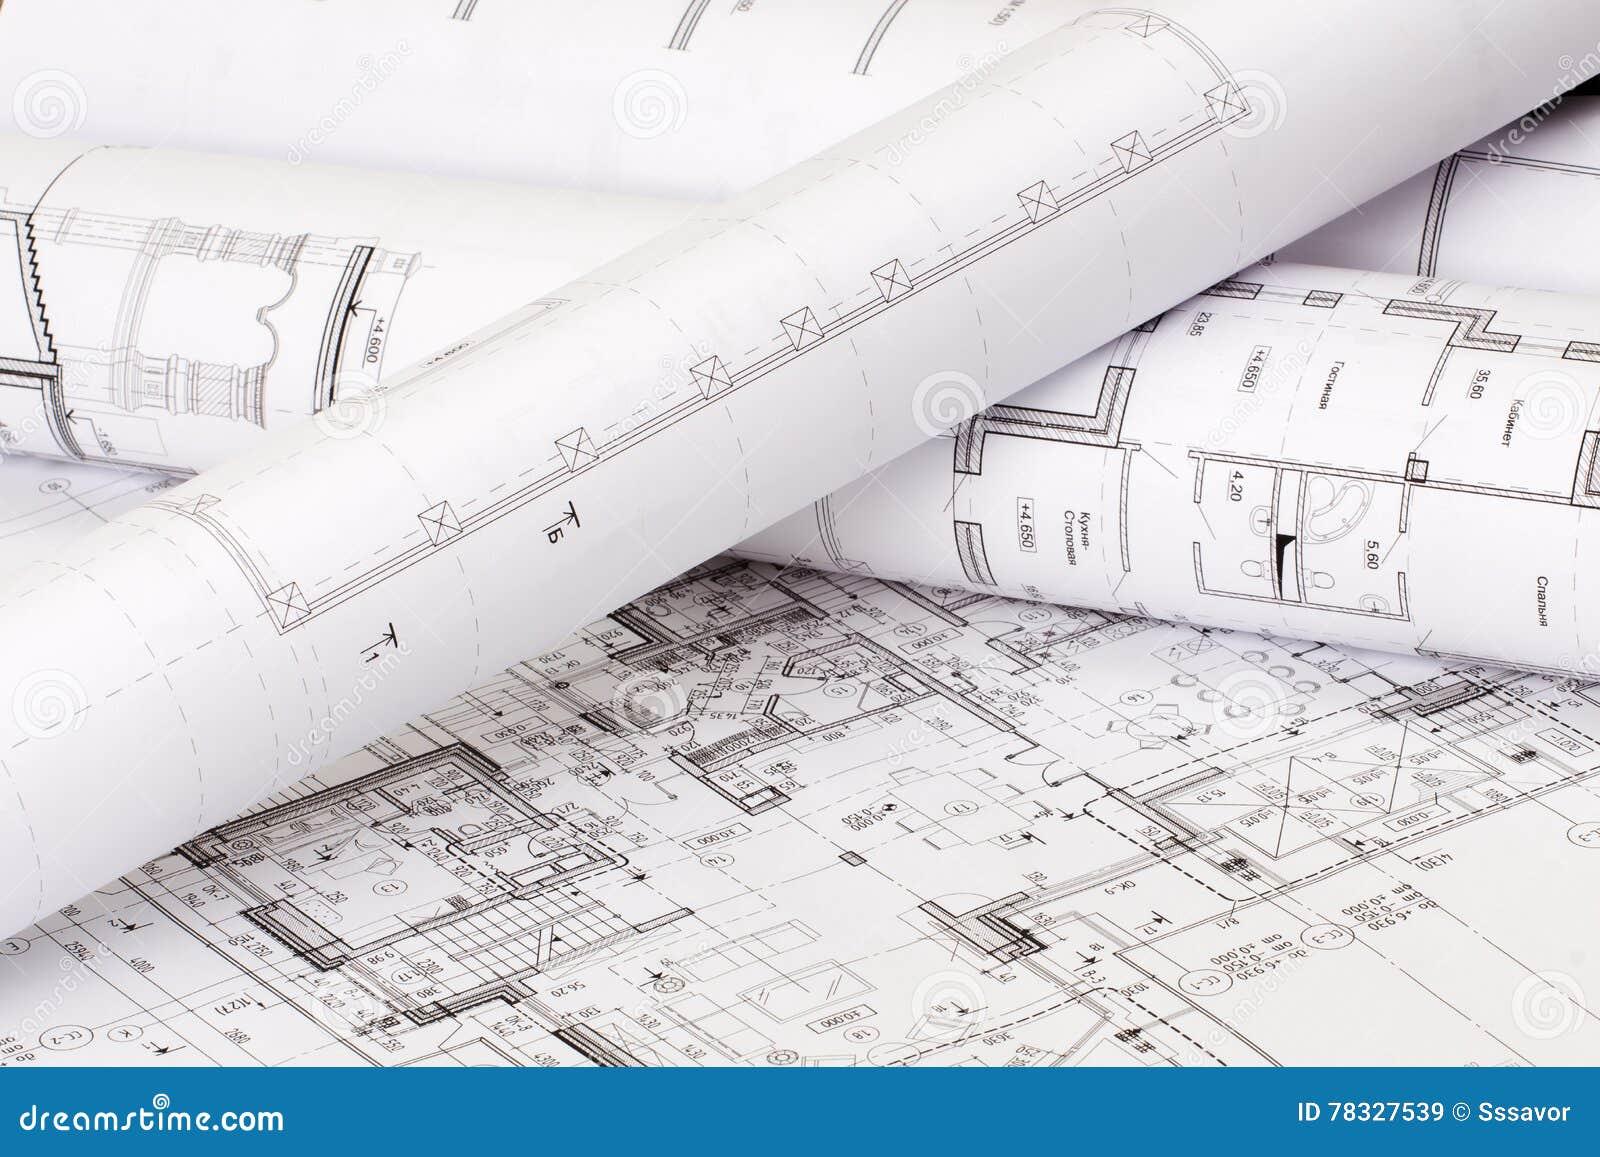 Die Architektonische Gestaltung Des Hauses Auf Papier Stockbild ...